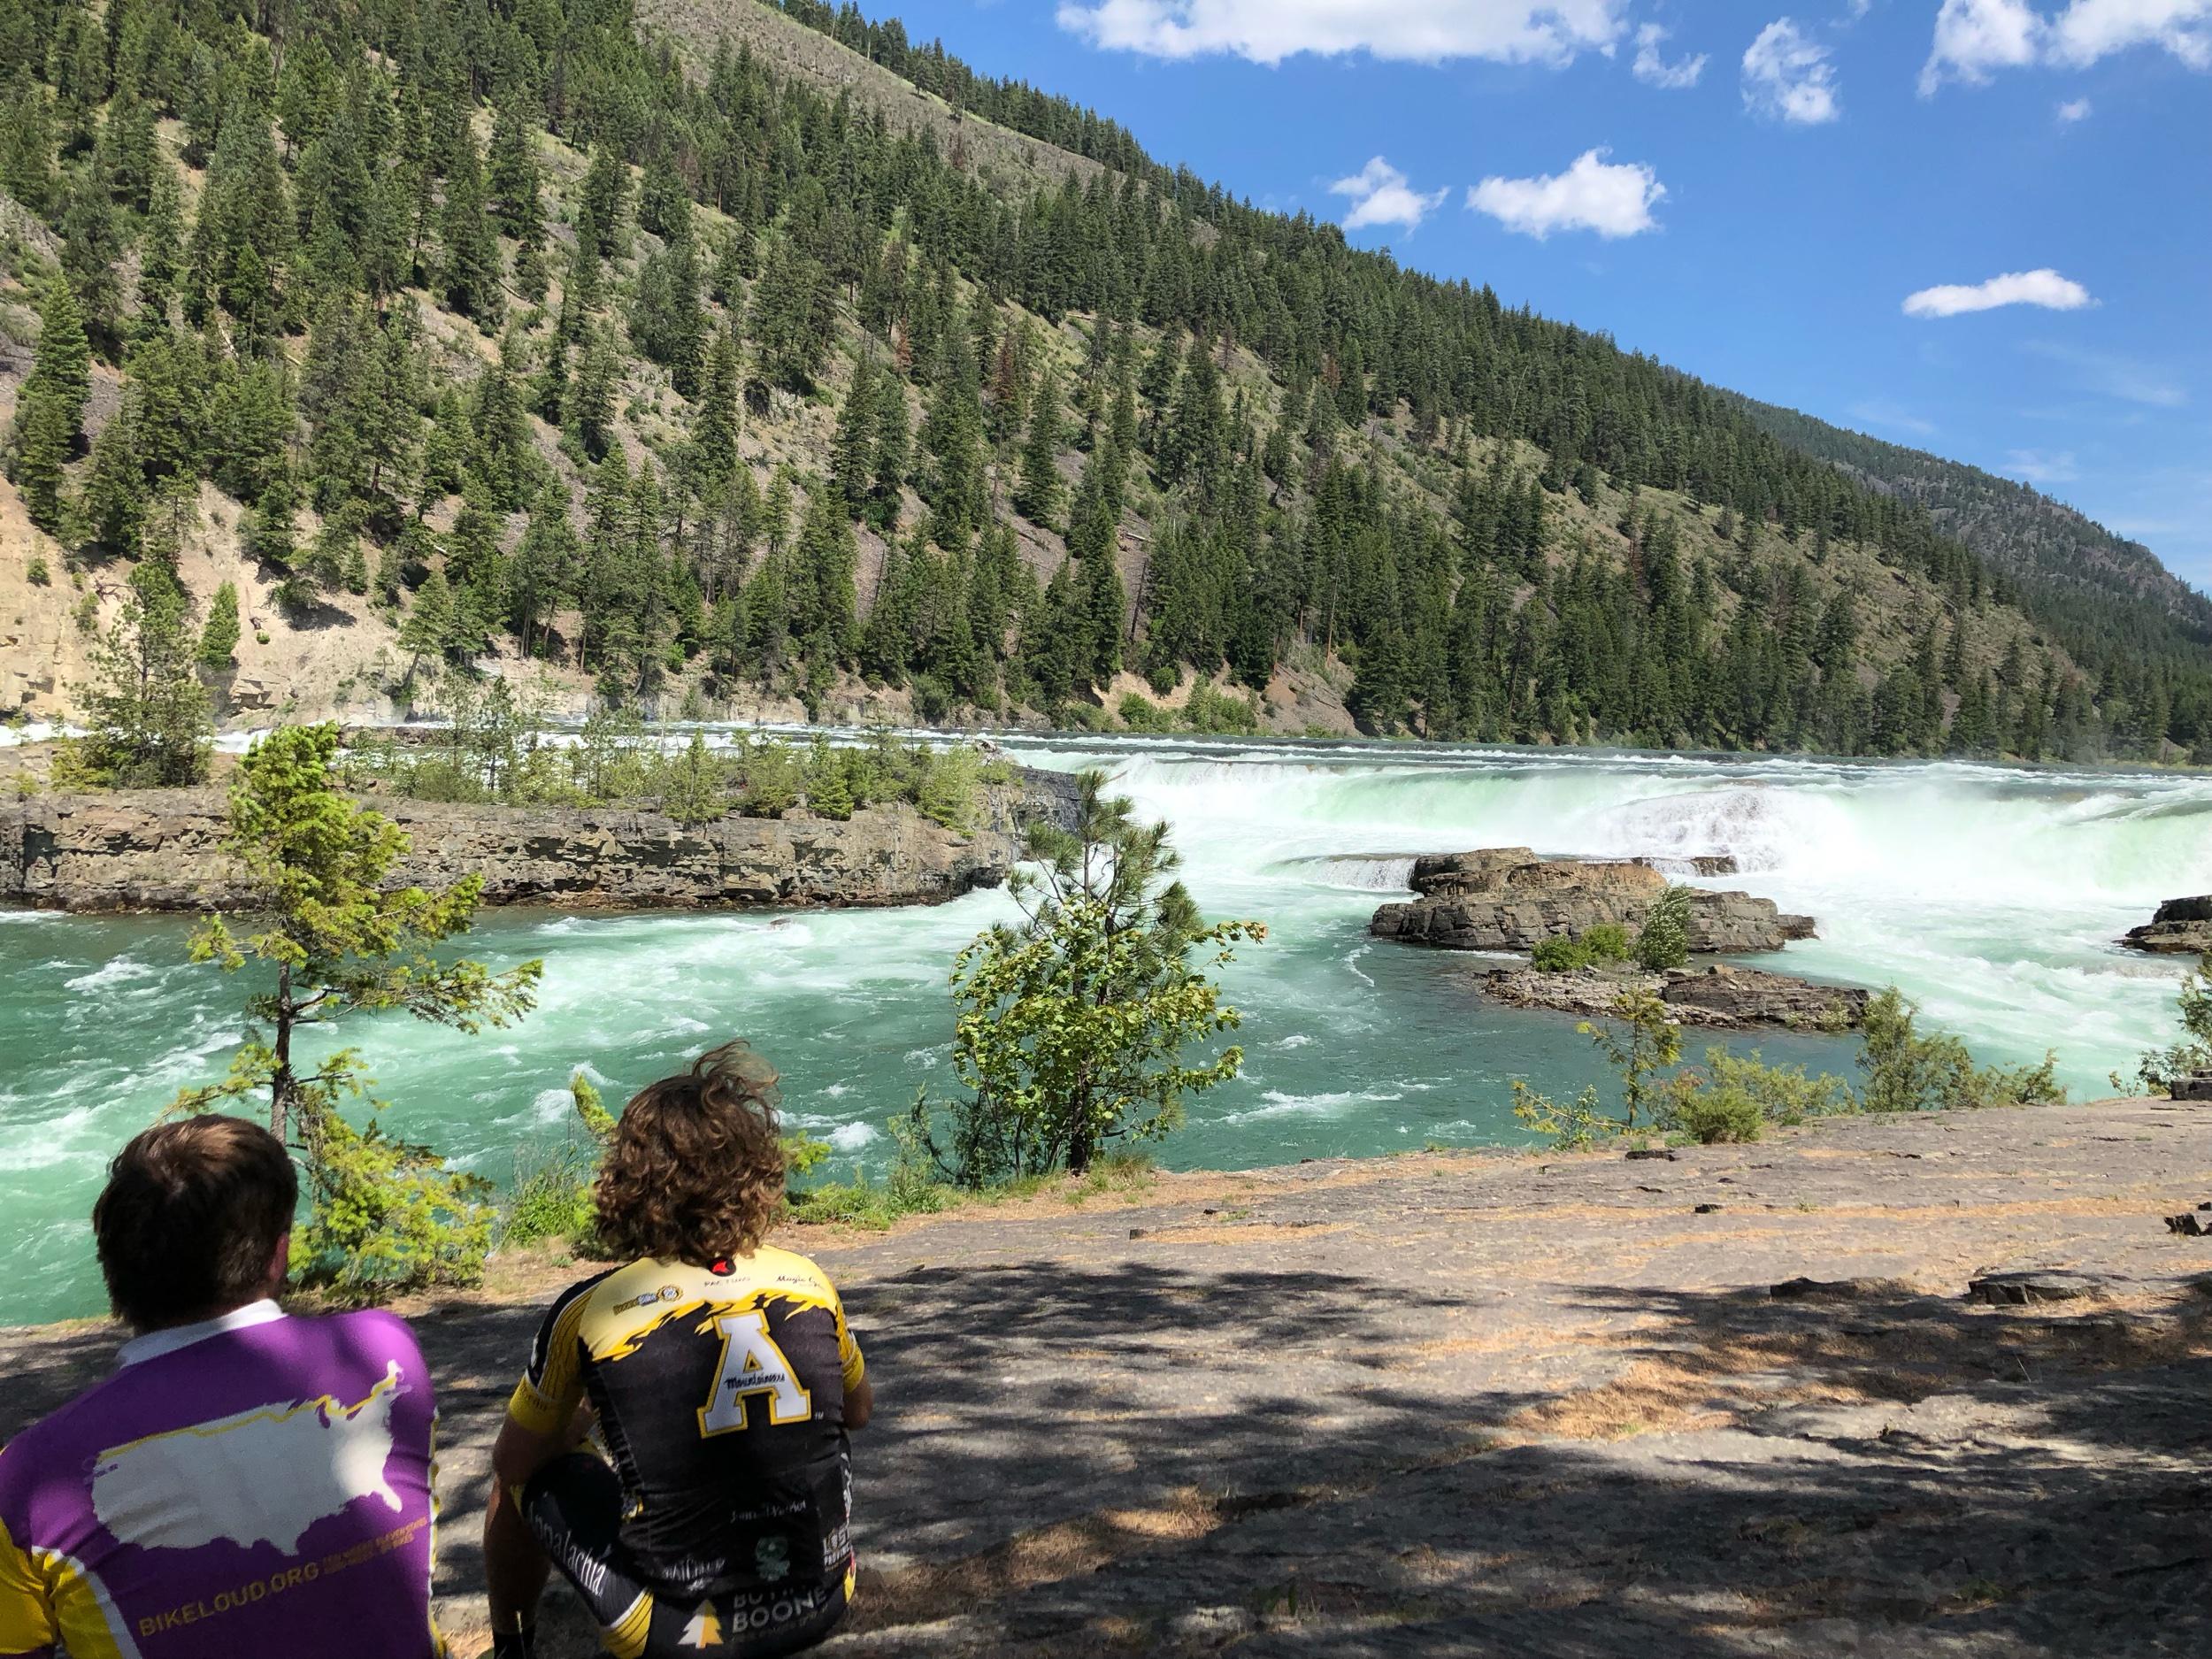 Evan and Wes look out at Kootenai Falls